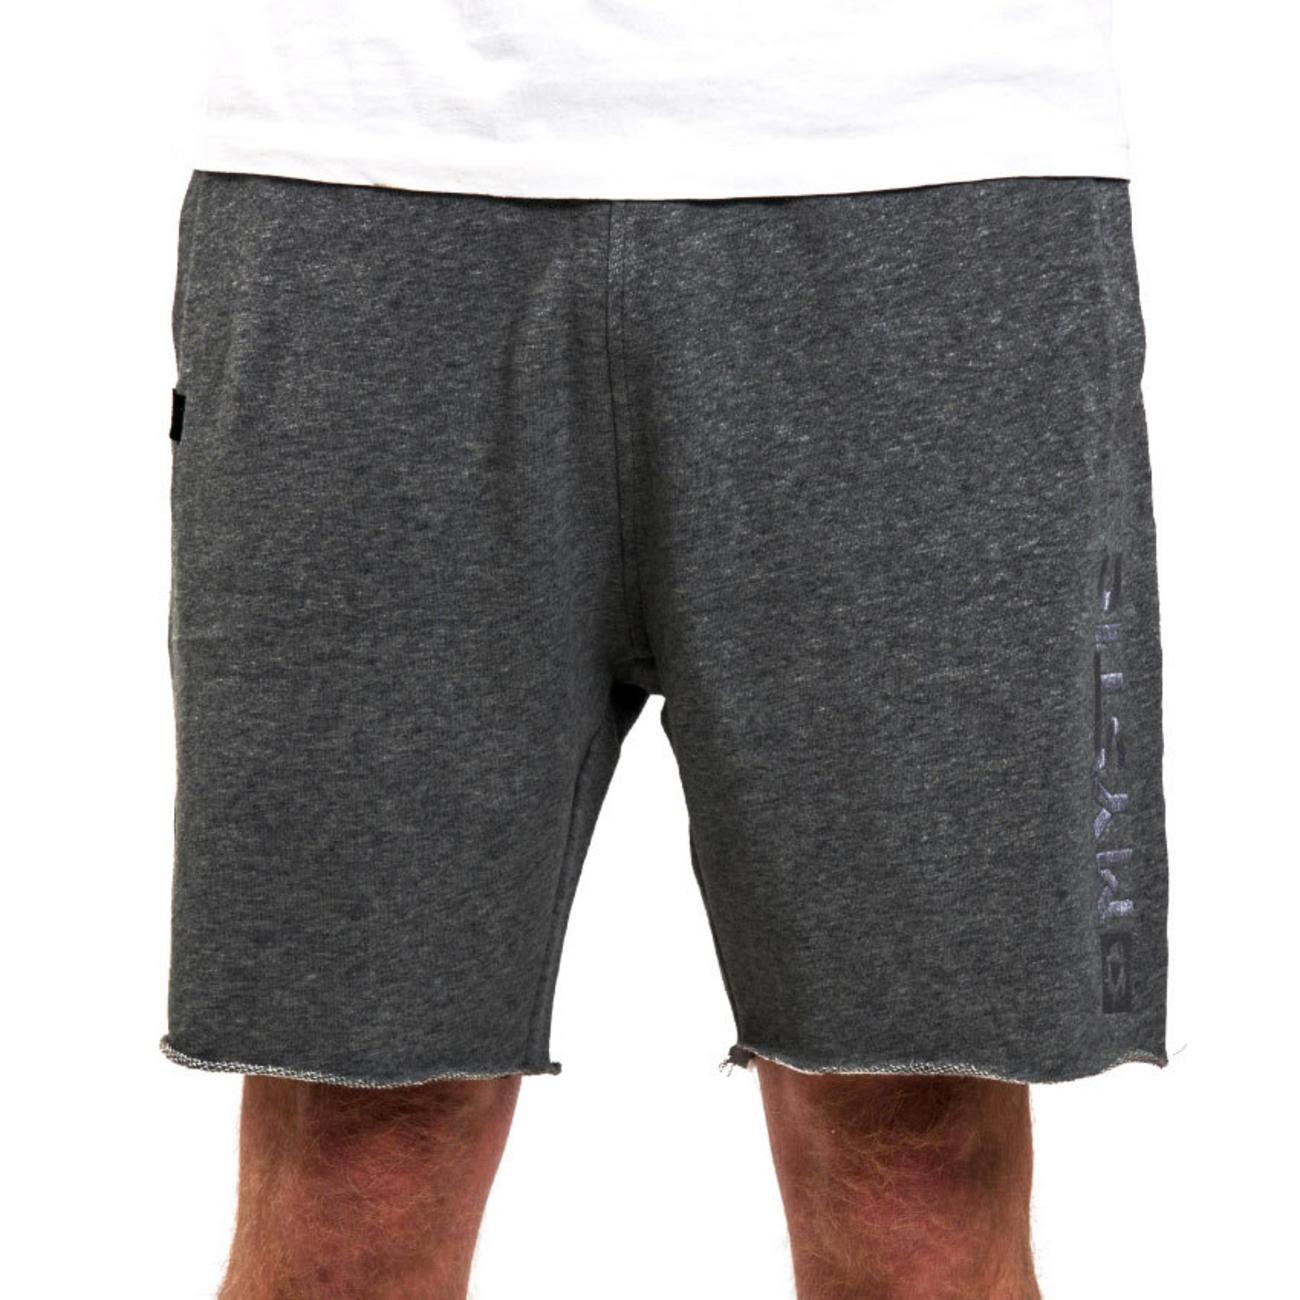 Urban Short